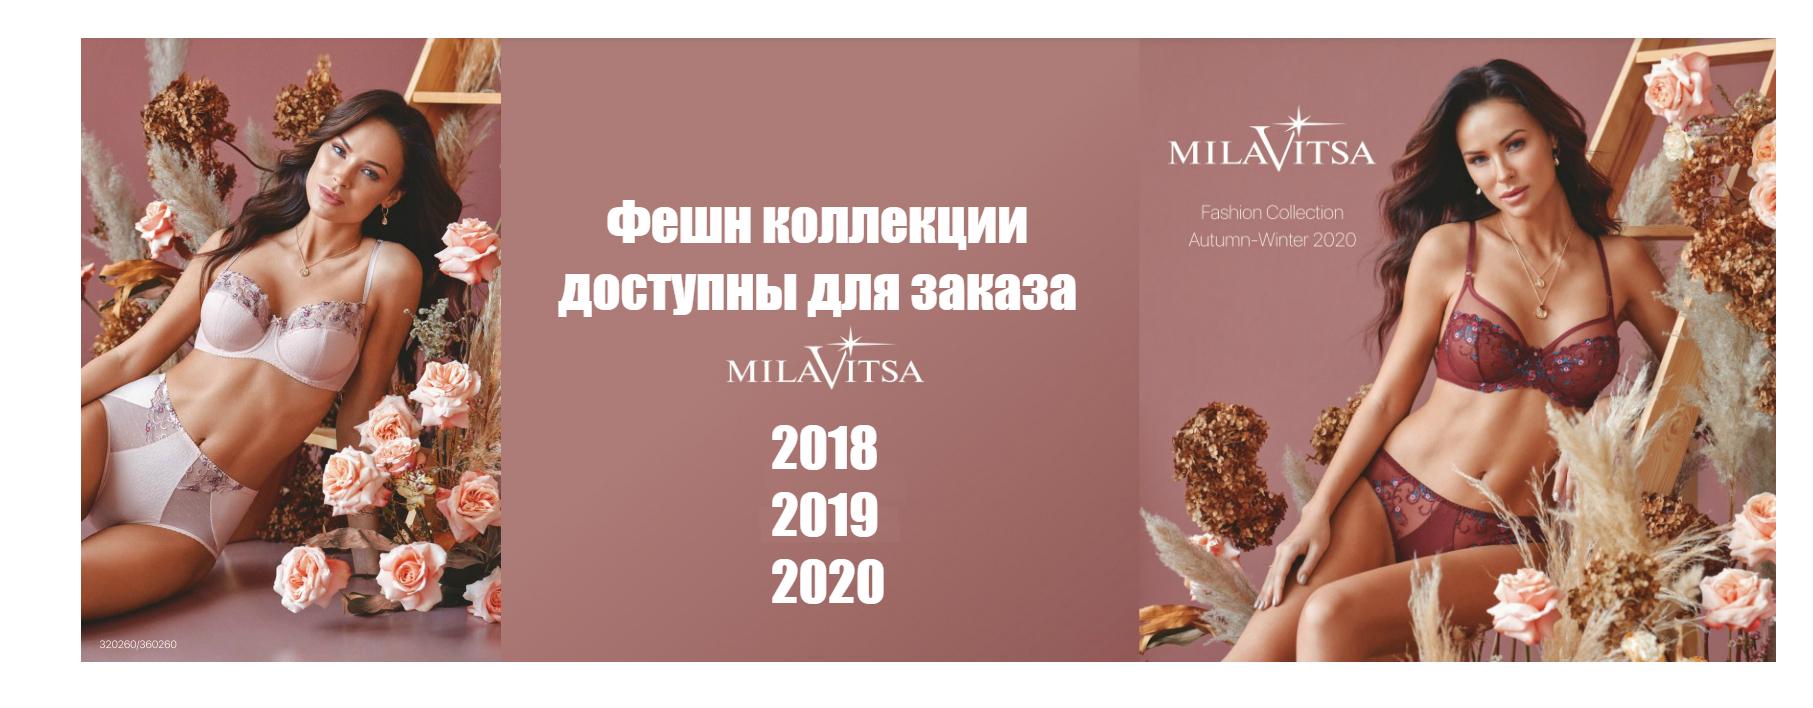 Интернет магазины женского белья в украина магазины нижнего женского белья в спб каталог